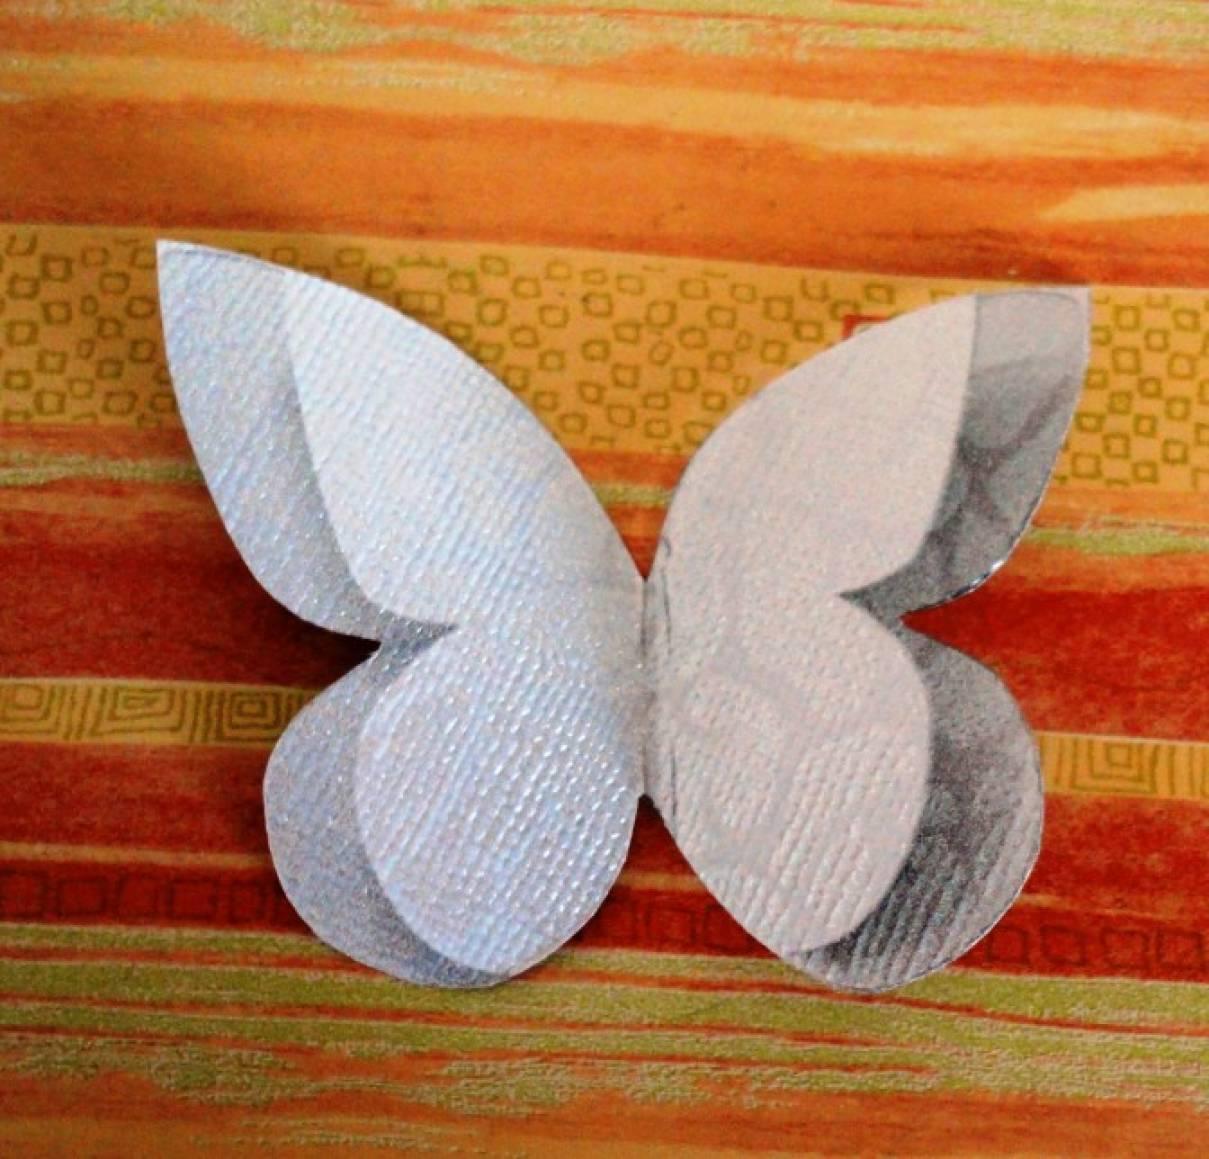 Объемная бабочка из бумаги своими руками 17